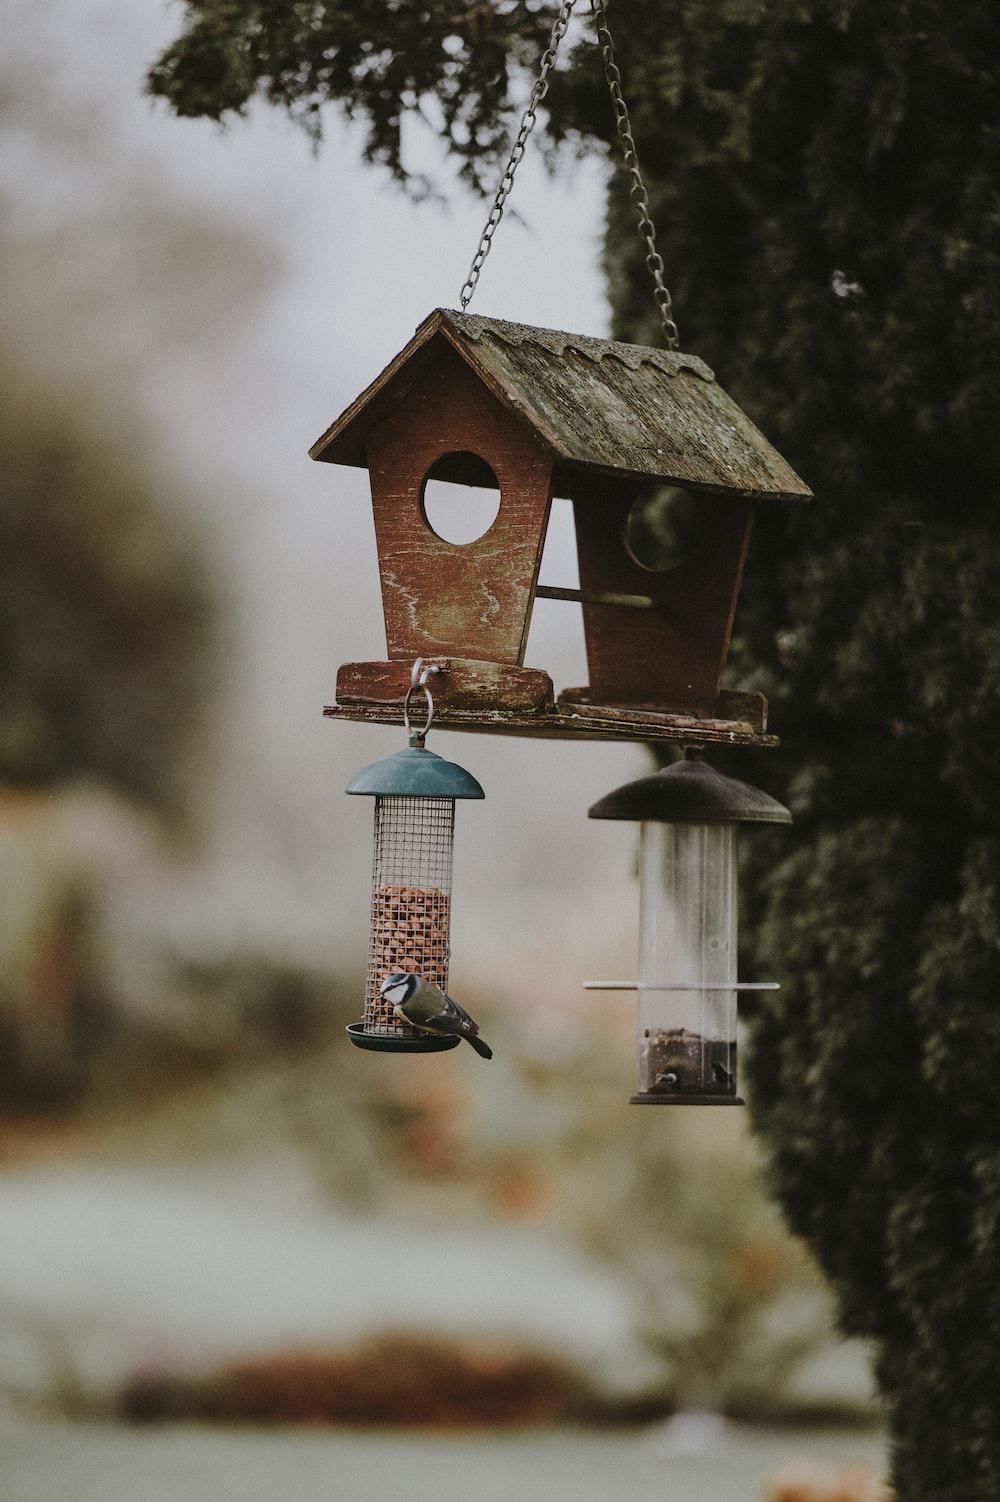 hanging brown bird house